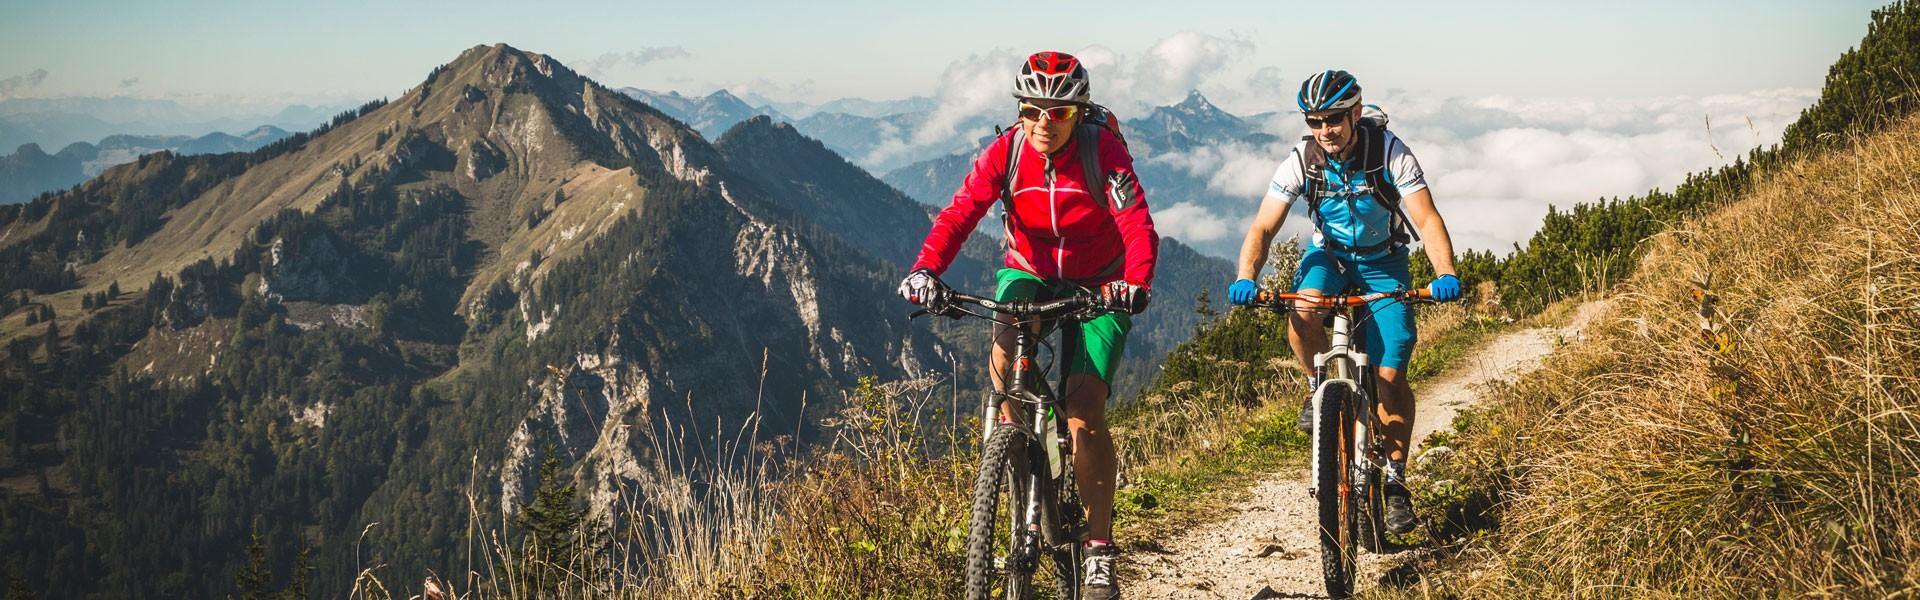 Mountainbikefahrer am Hochfelln